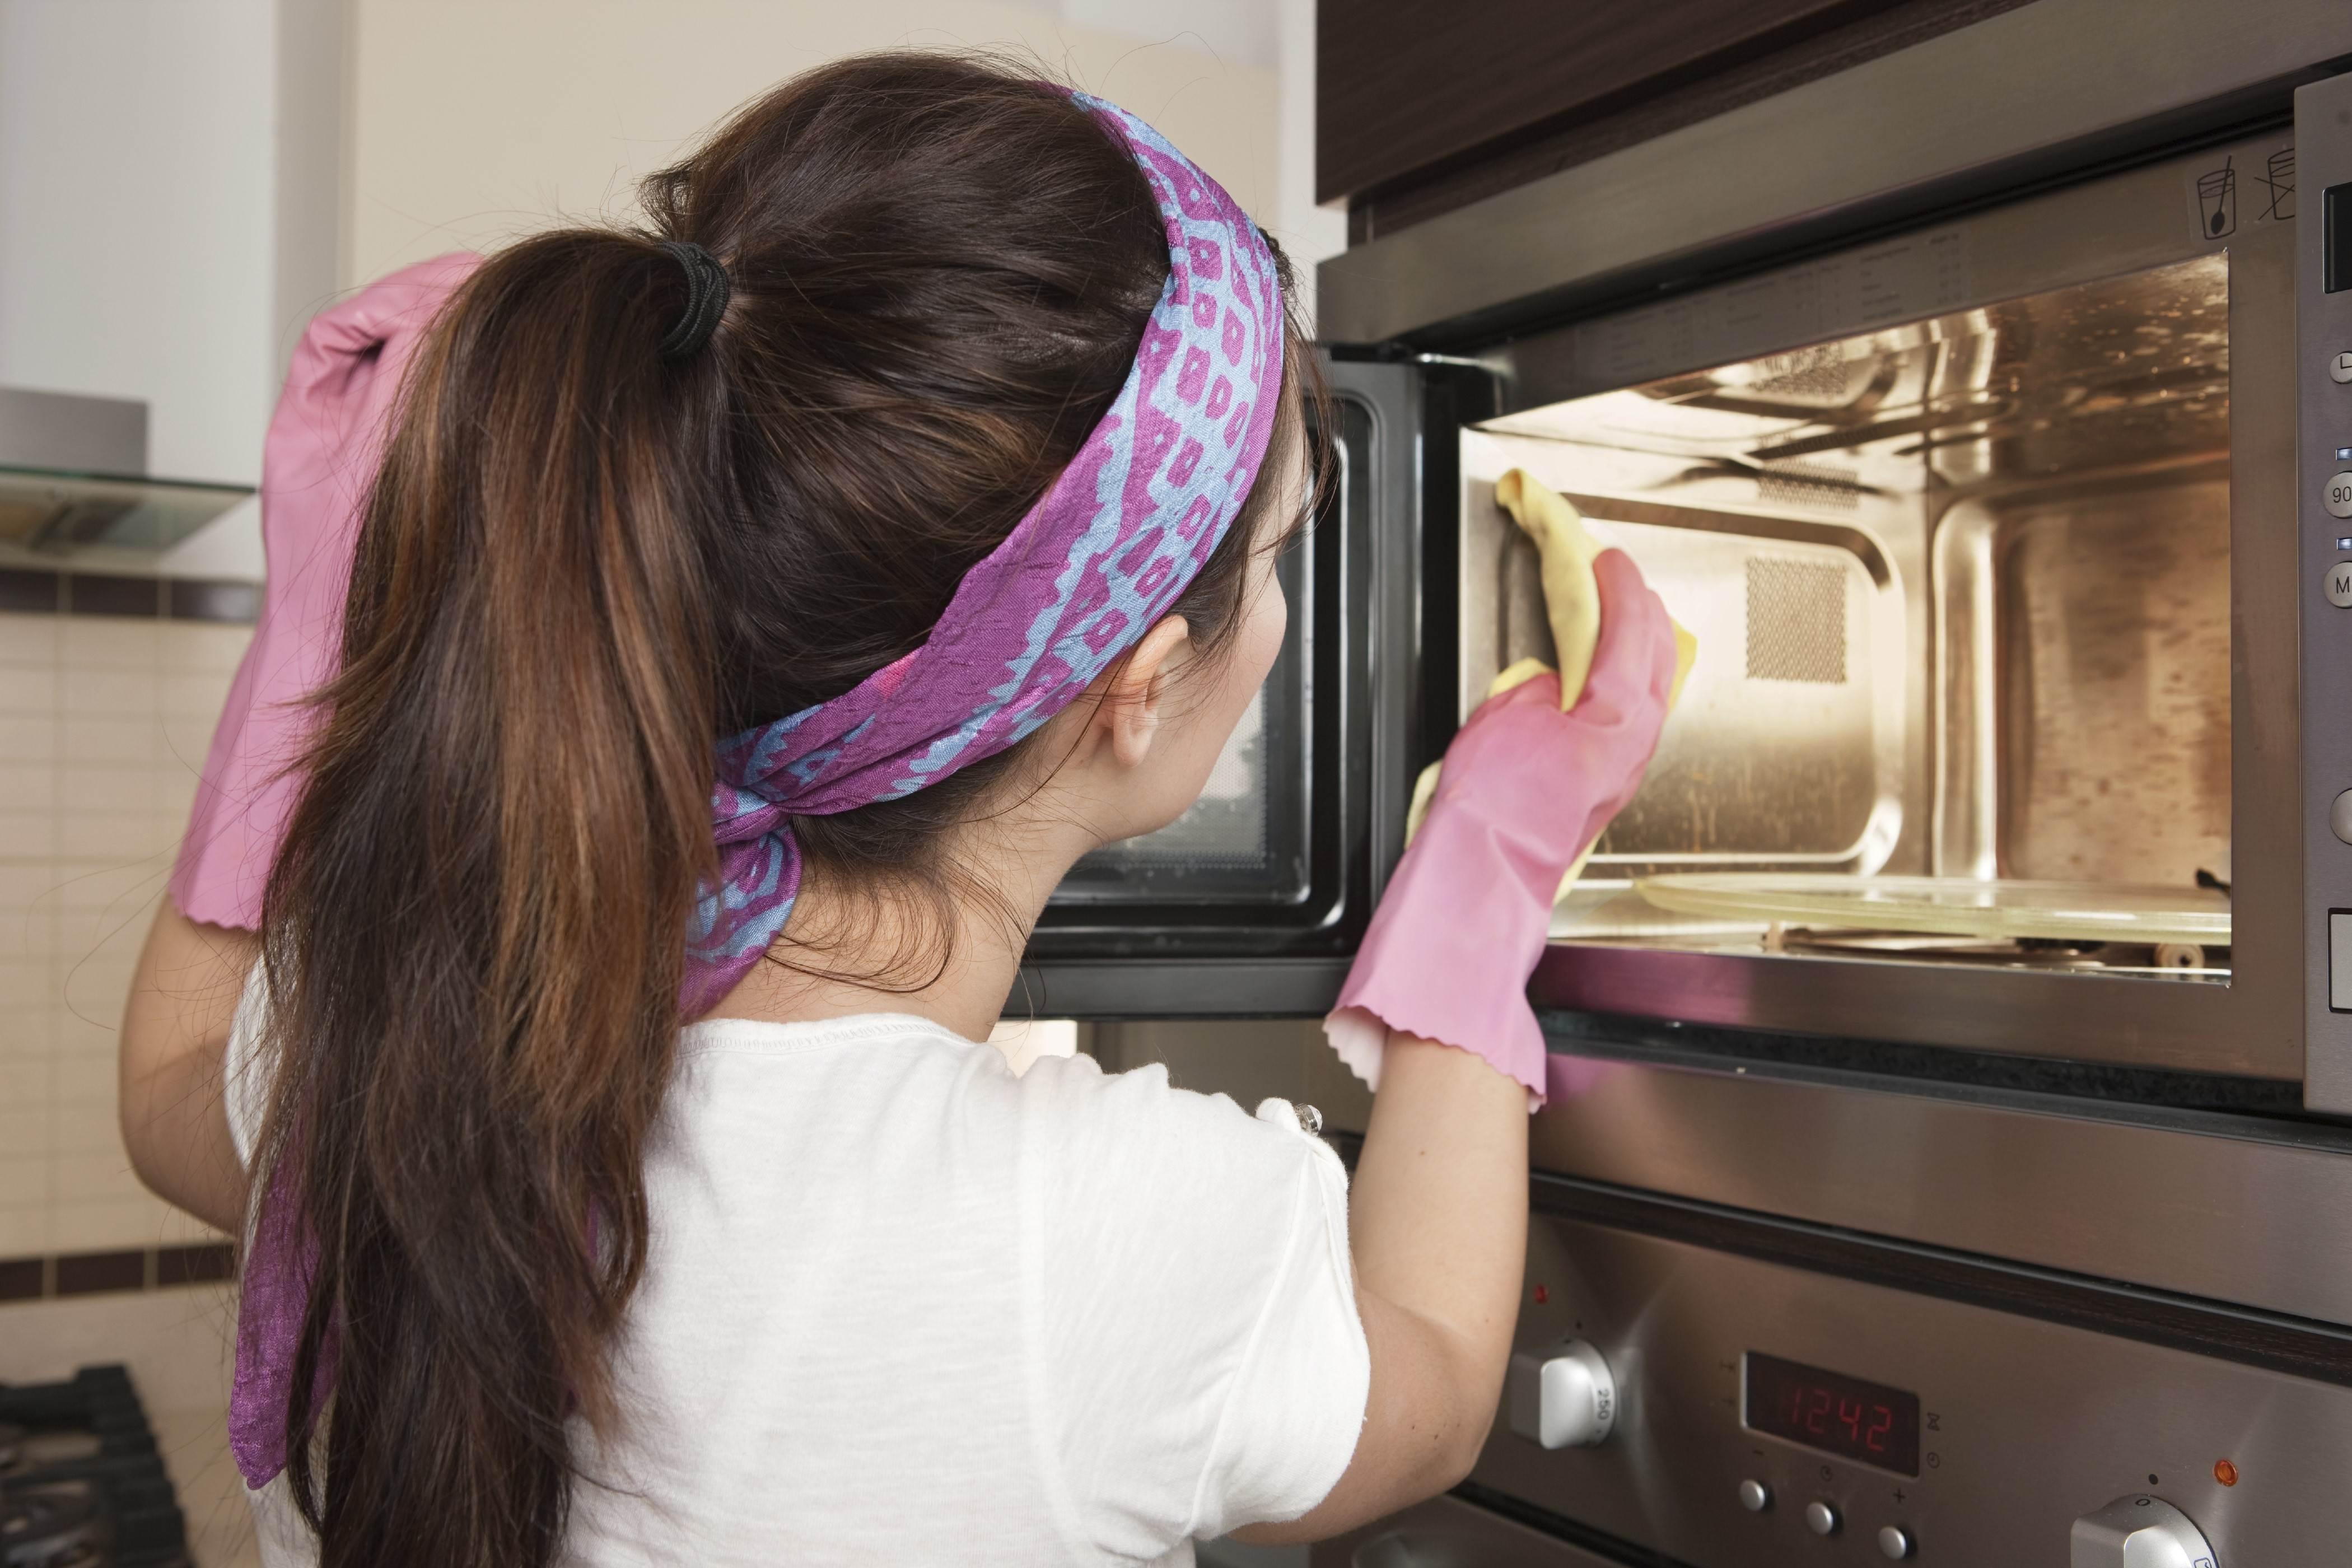 econewsnetwork - mutfak aletleri nasıl temizlenir